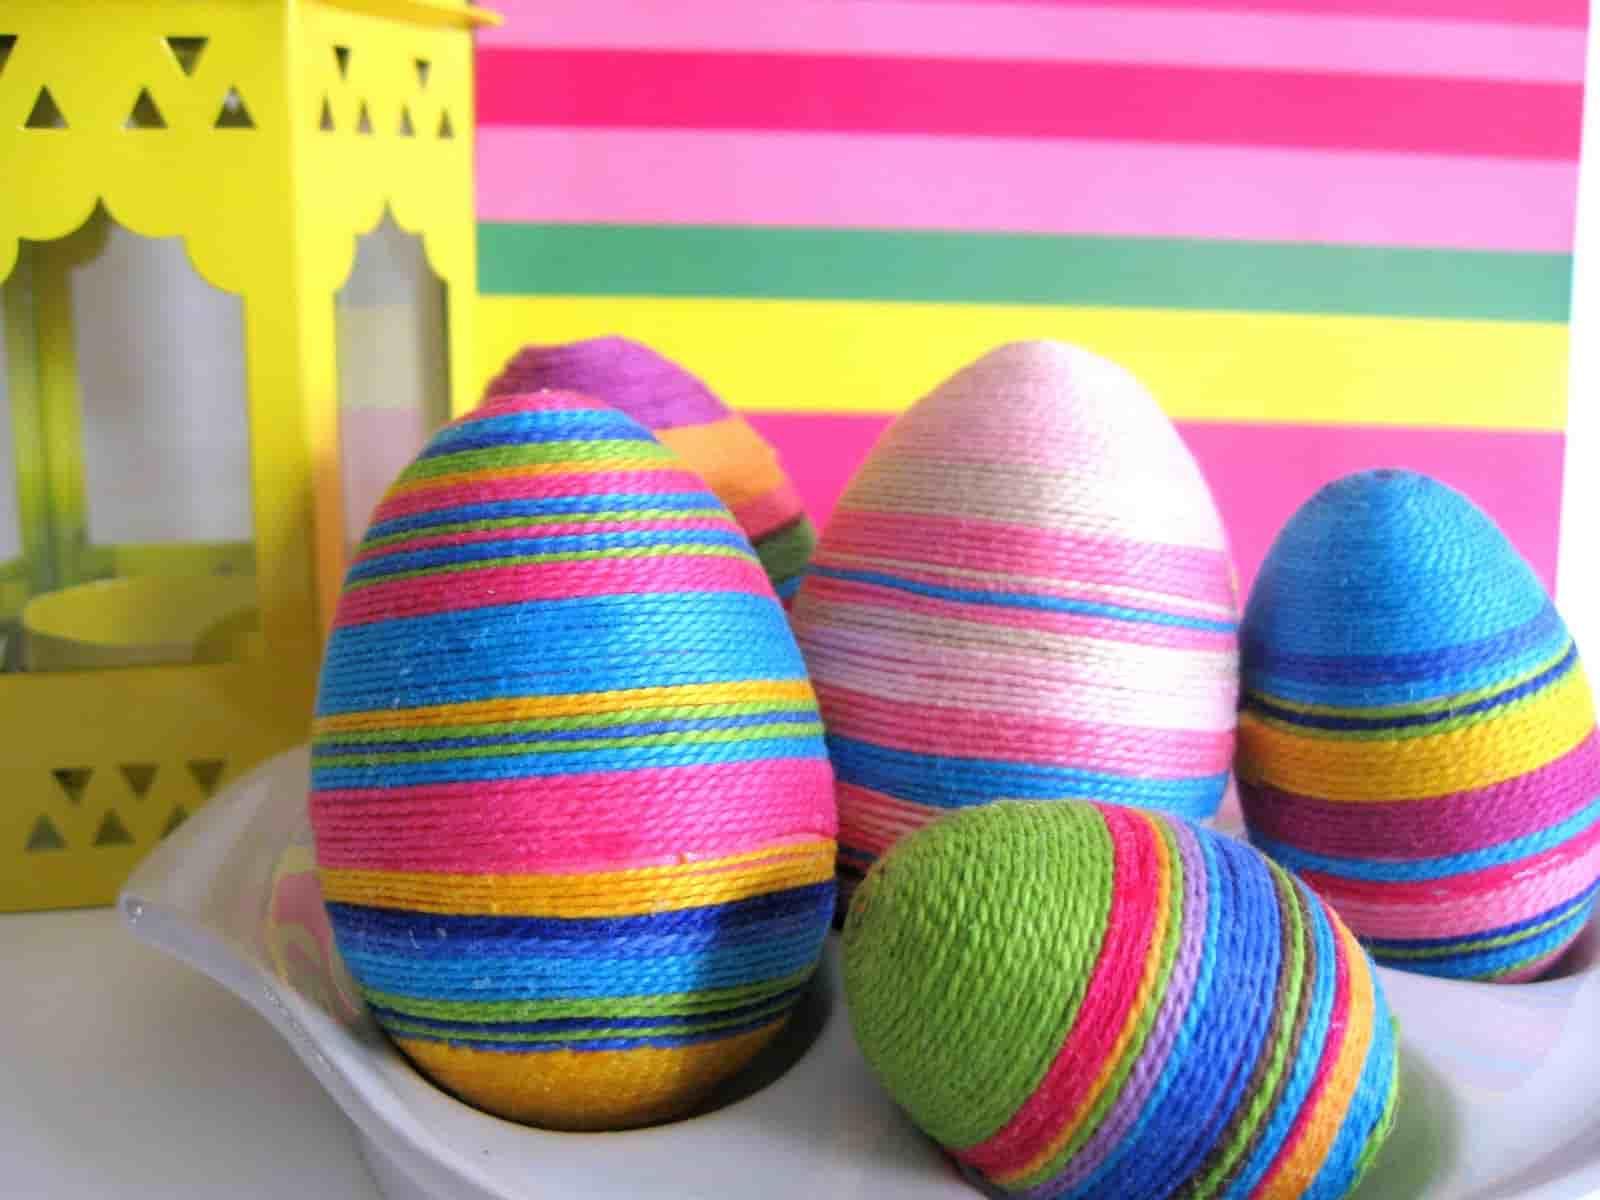 яйца украшенные нитками